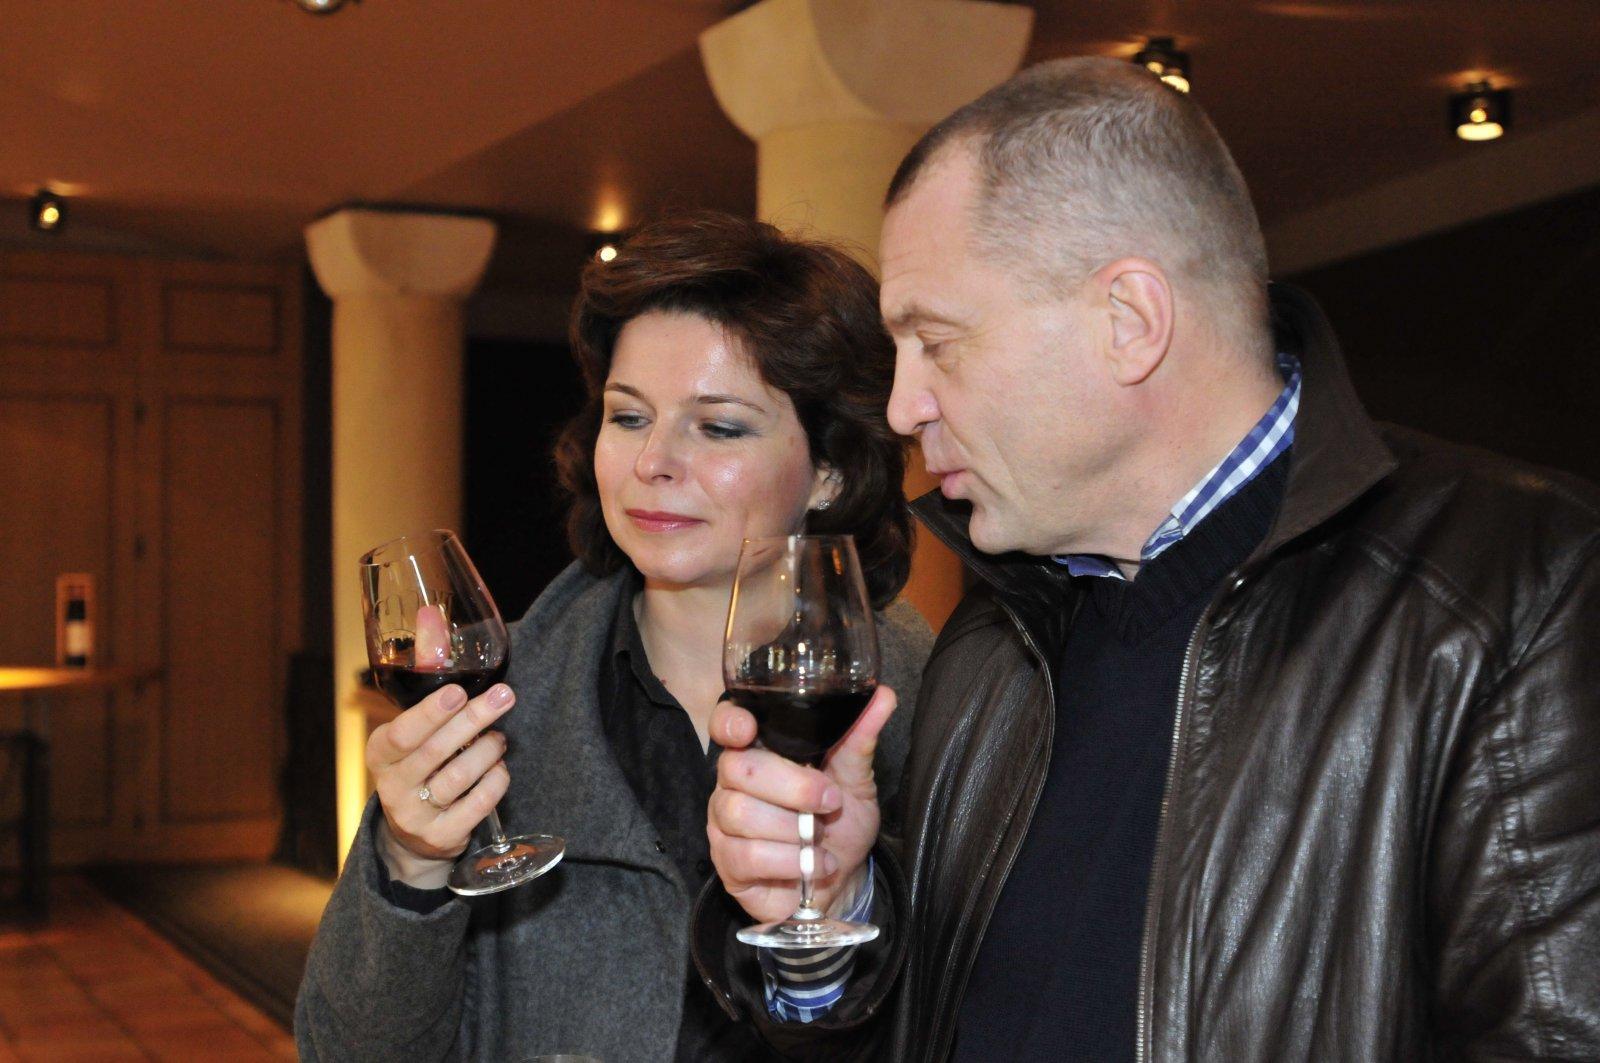 Медок, дорога великих вин!